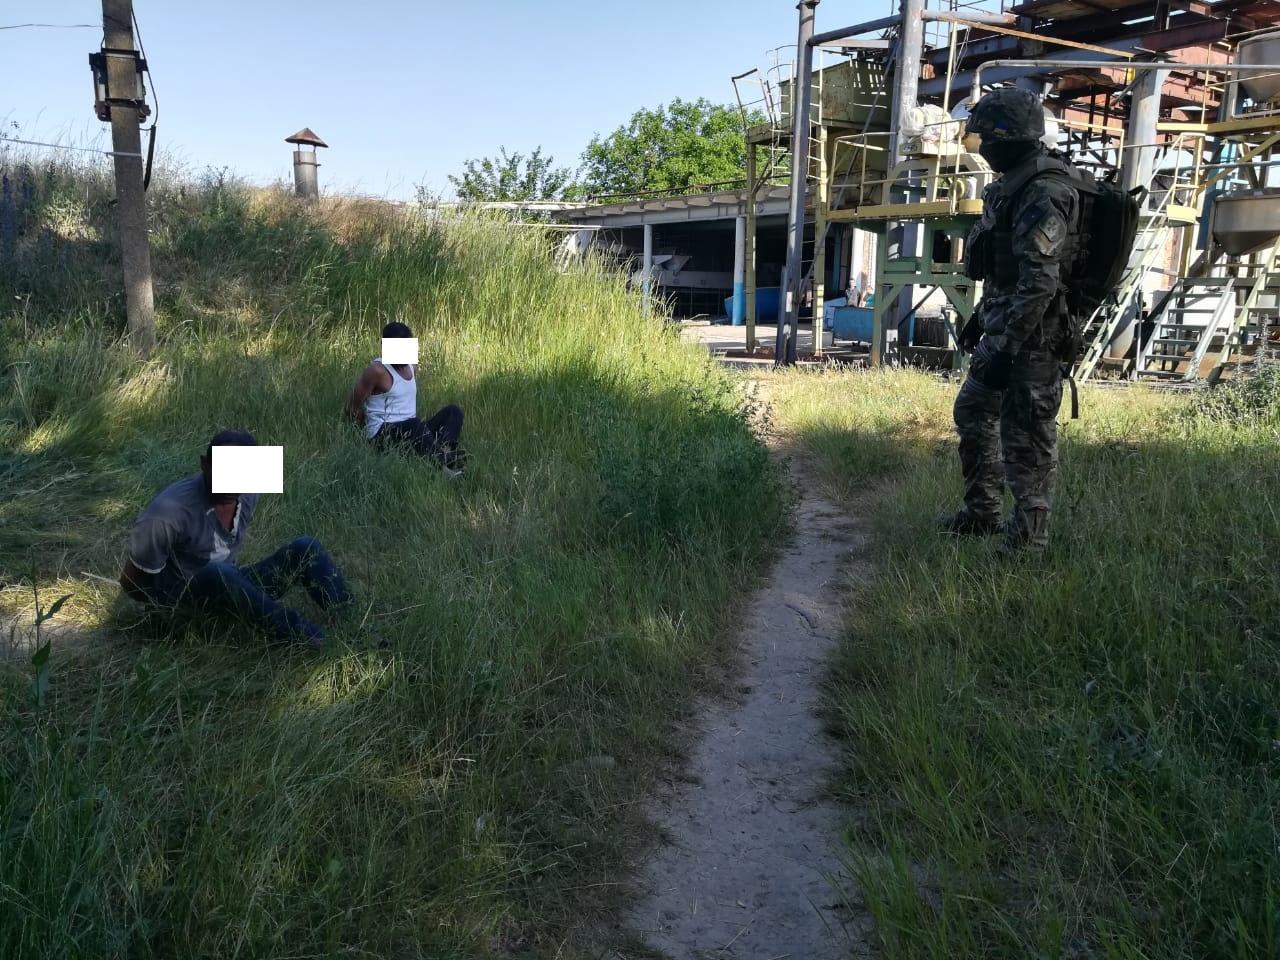 В Одесской области освободили из трудового рабства почти 30 человек, которых силой удерживали на консервном заводе